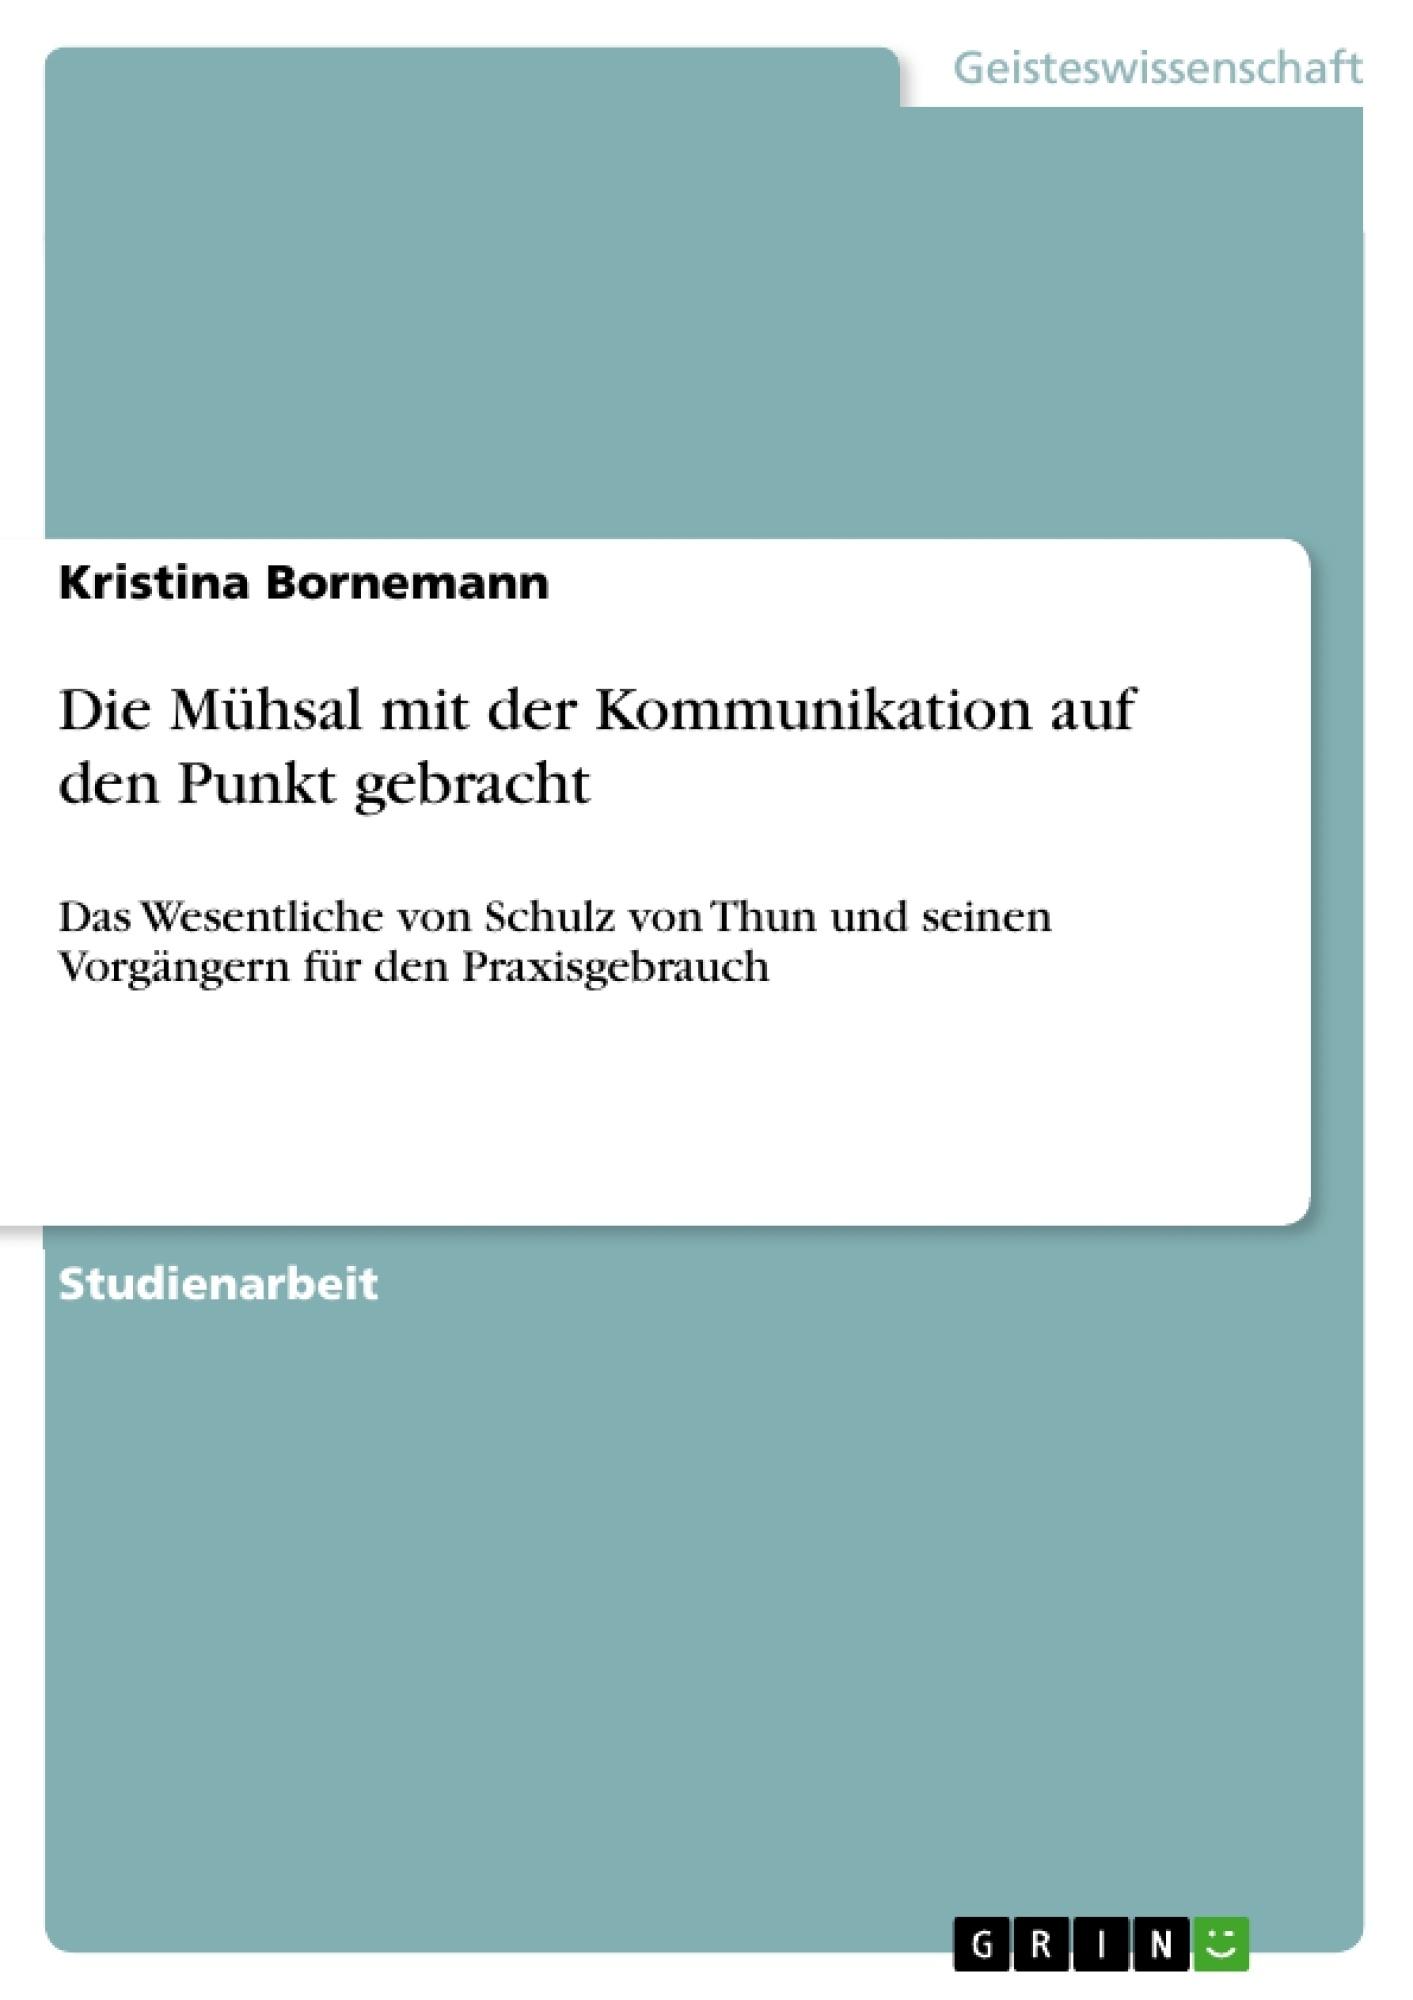 Titel: Die Mühsal mit der Kommunikation auf den Punkt gebracht